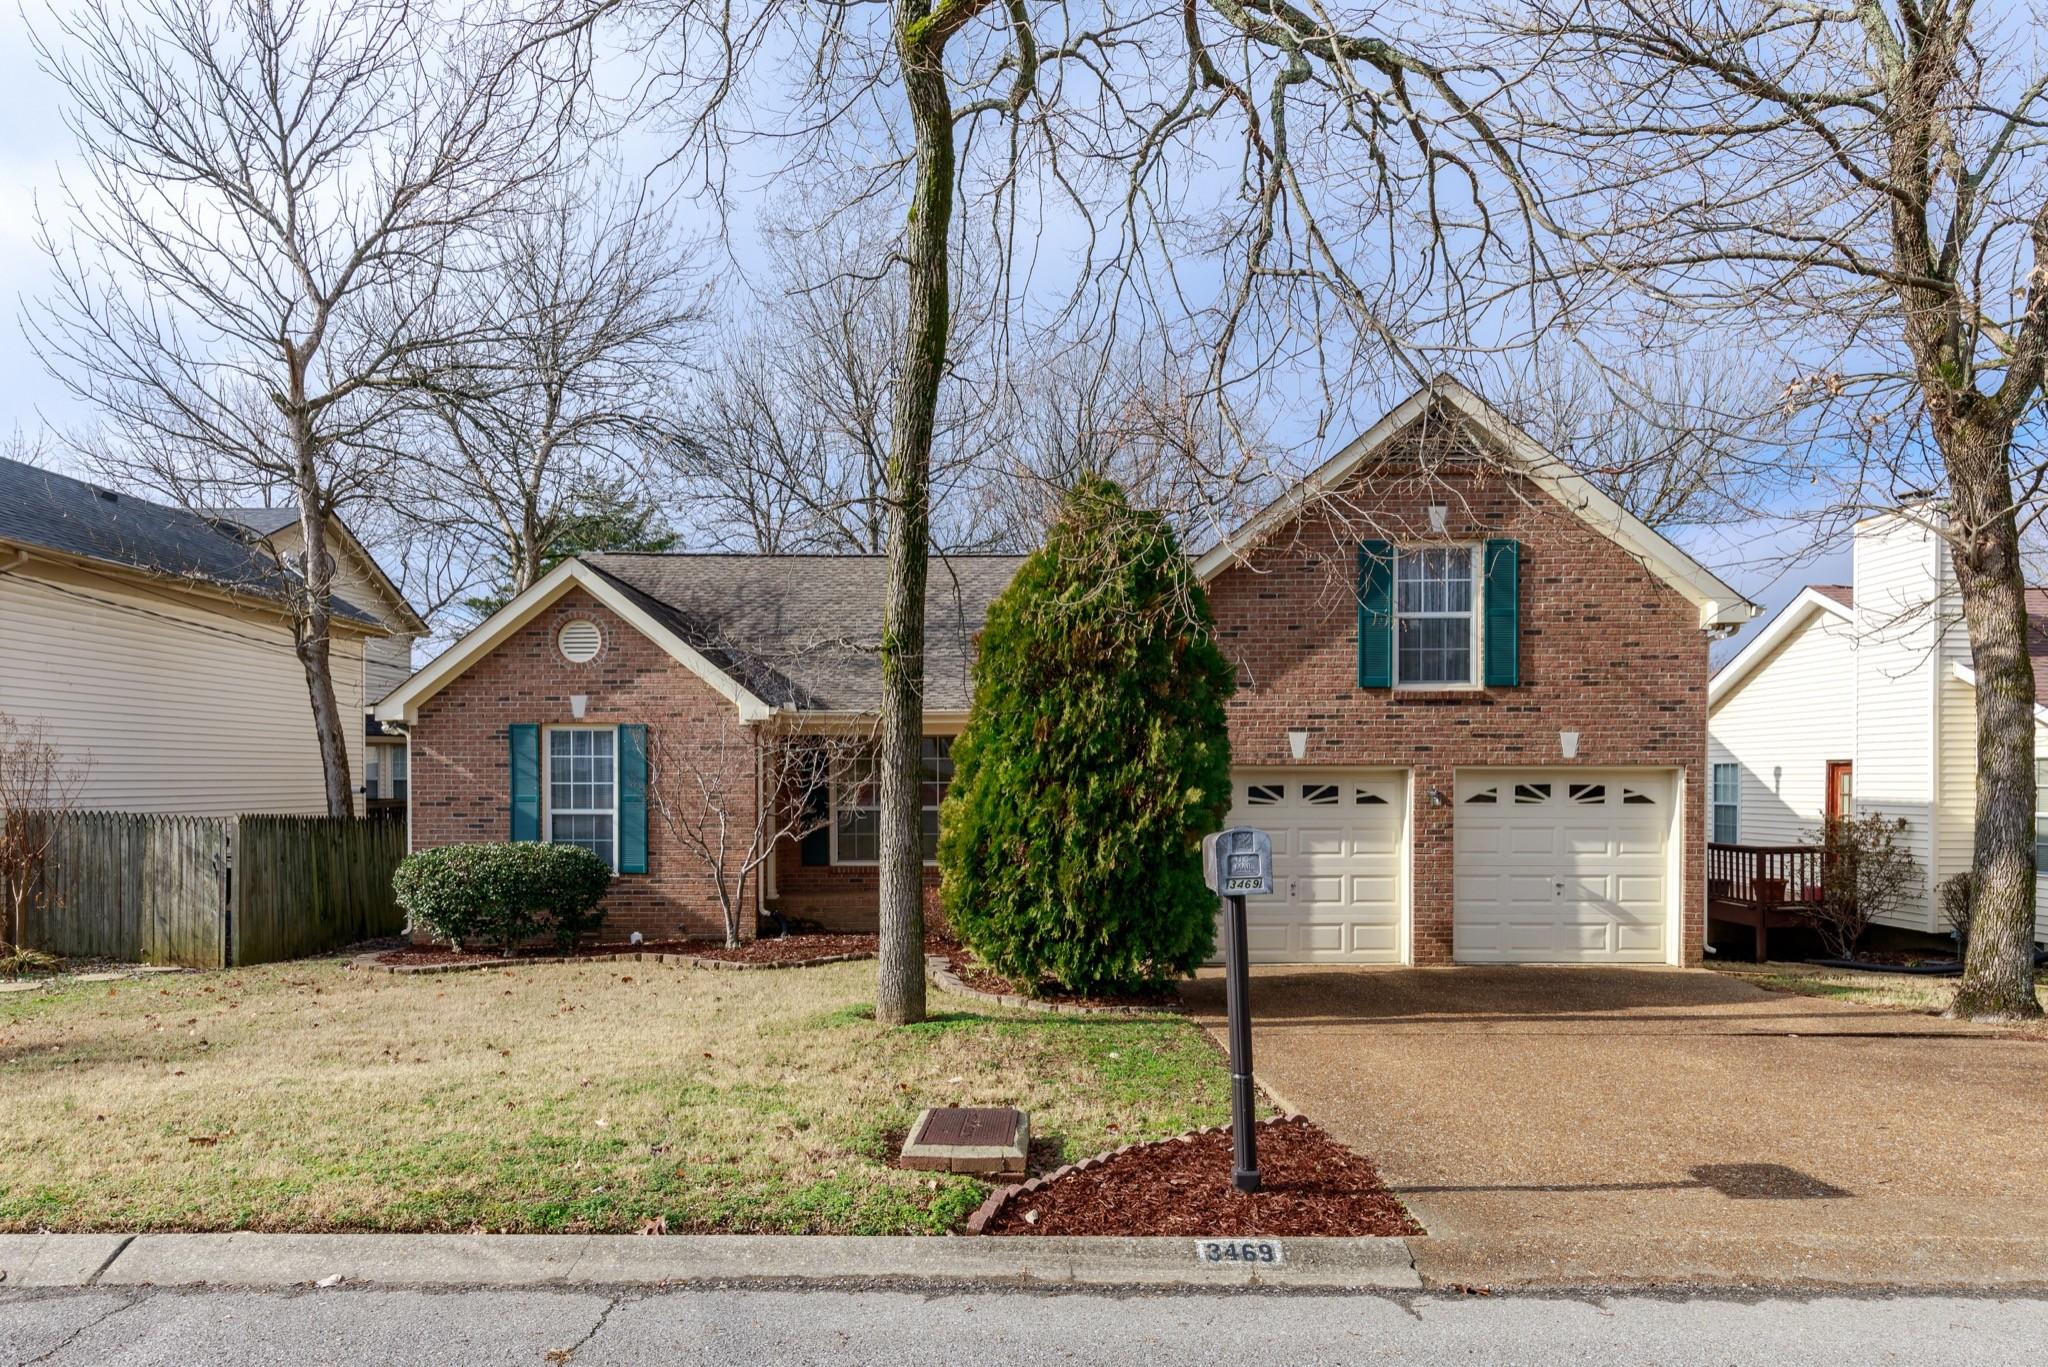 3469 Calais Cir, Nashville-Antioch in Davidson County, TN County, TN 37013 Home for Sale